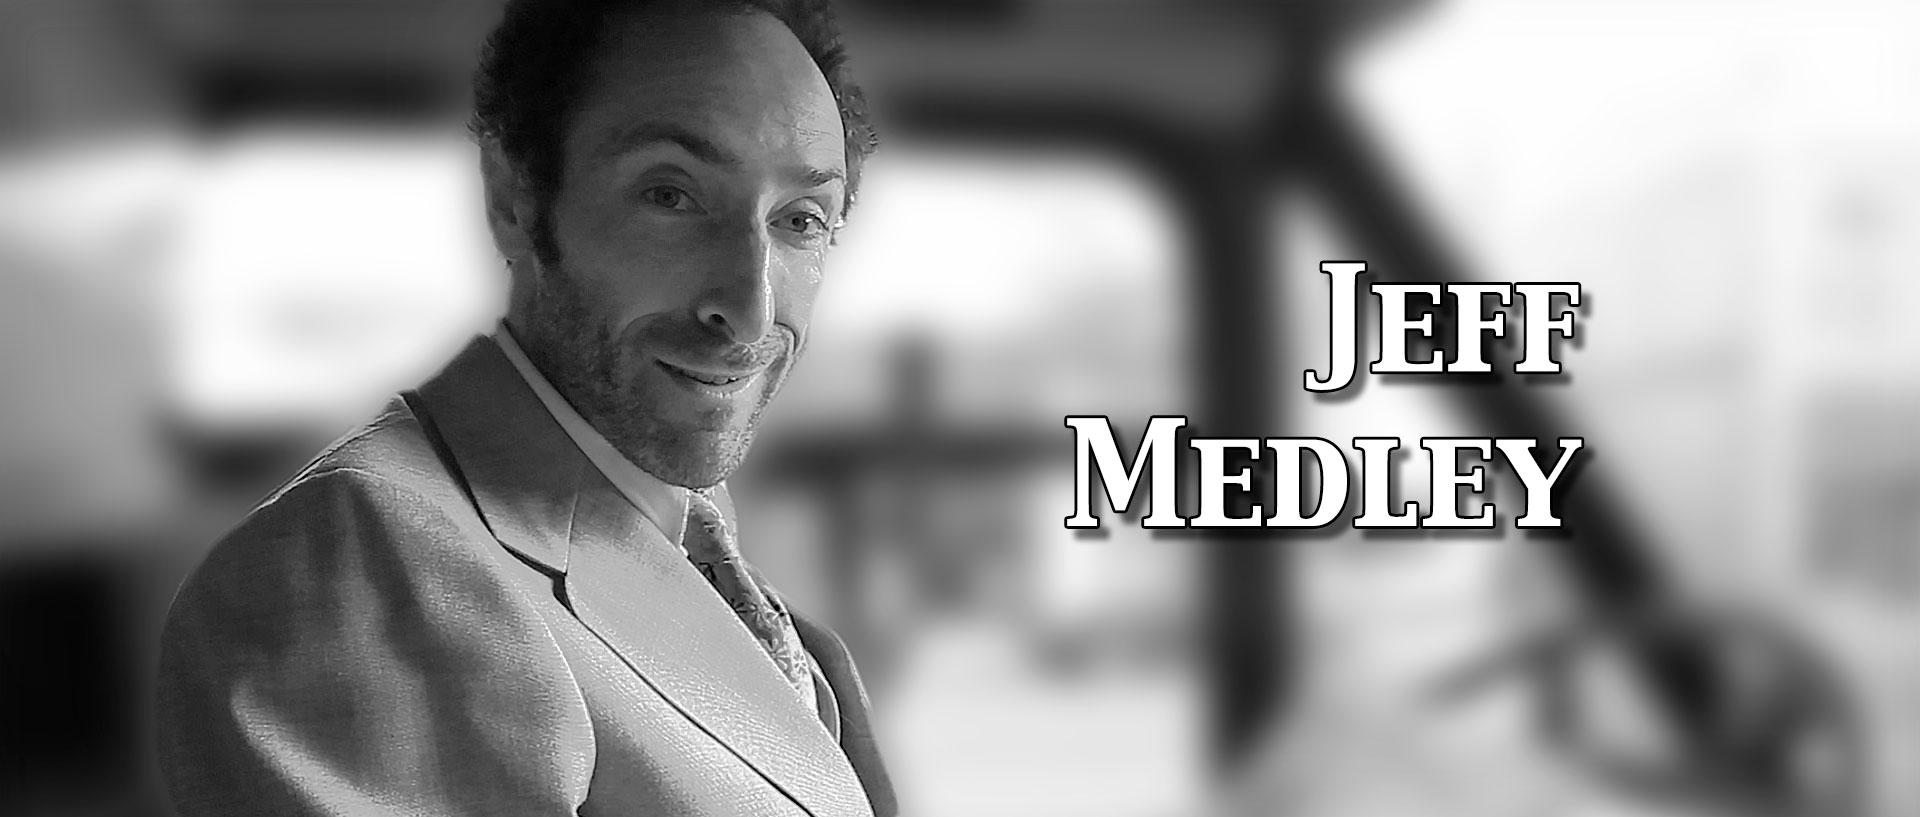 SFTD_07-Jeff-Medley.jpg